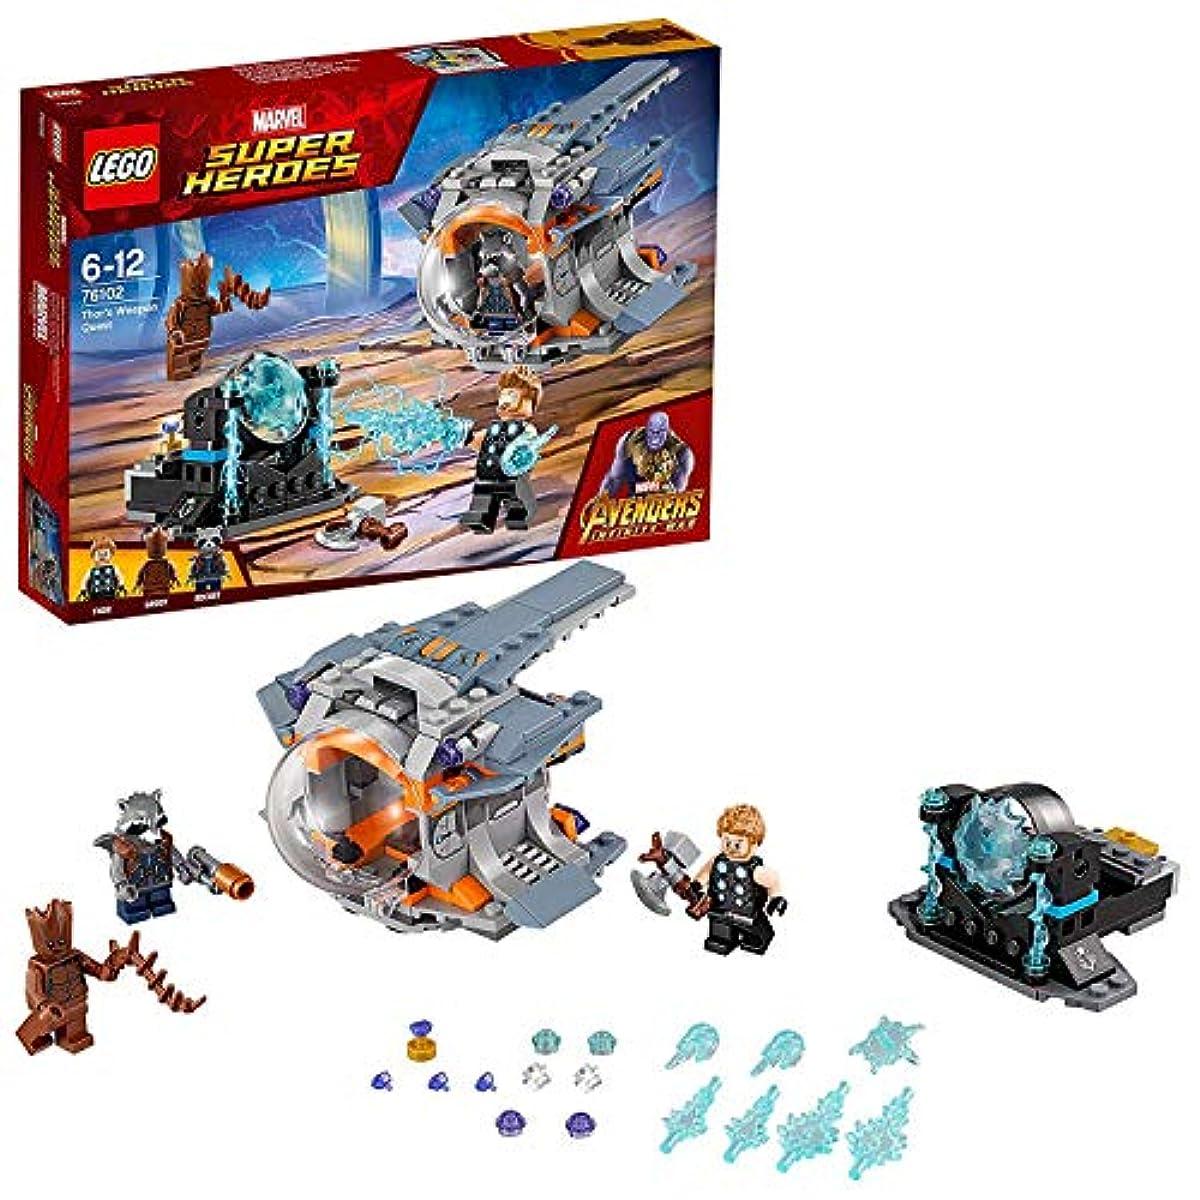 [해외] 레고(LEGO) 슈퍼히어로즈 토르의 무기 퀘스트 76102